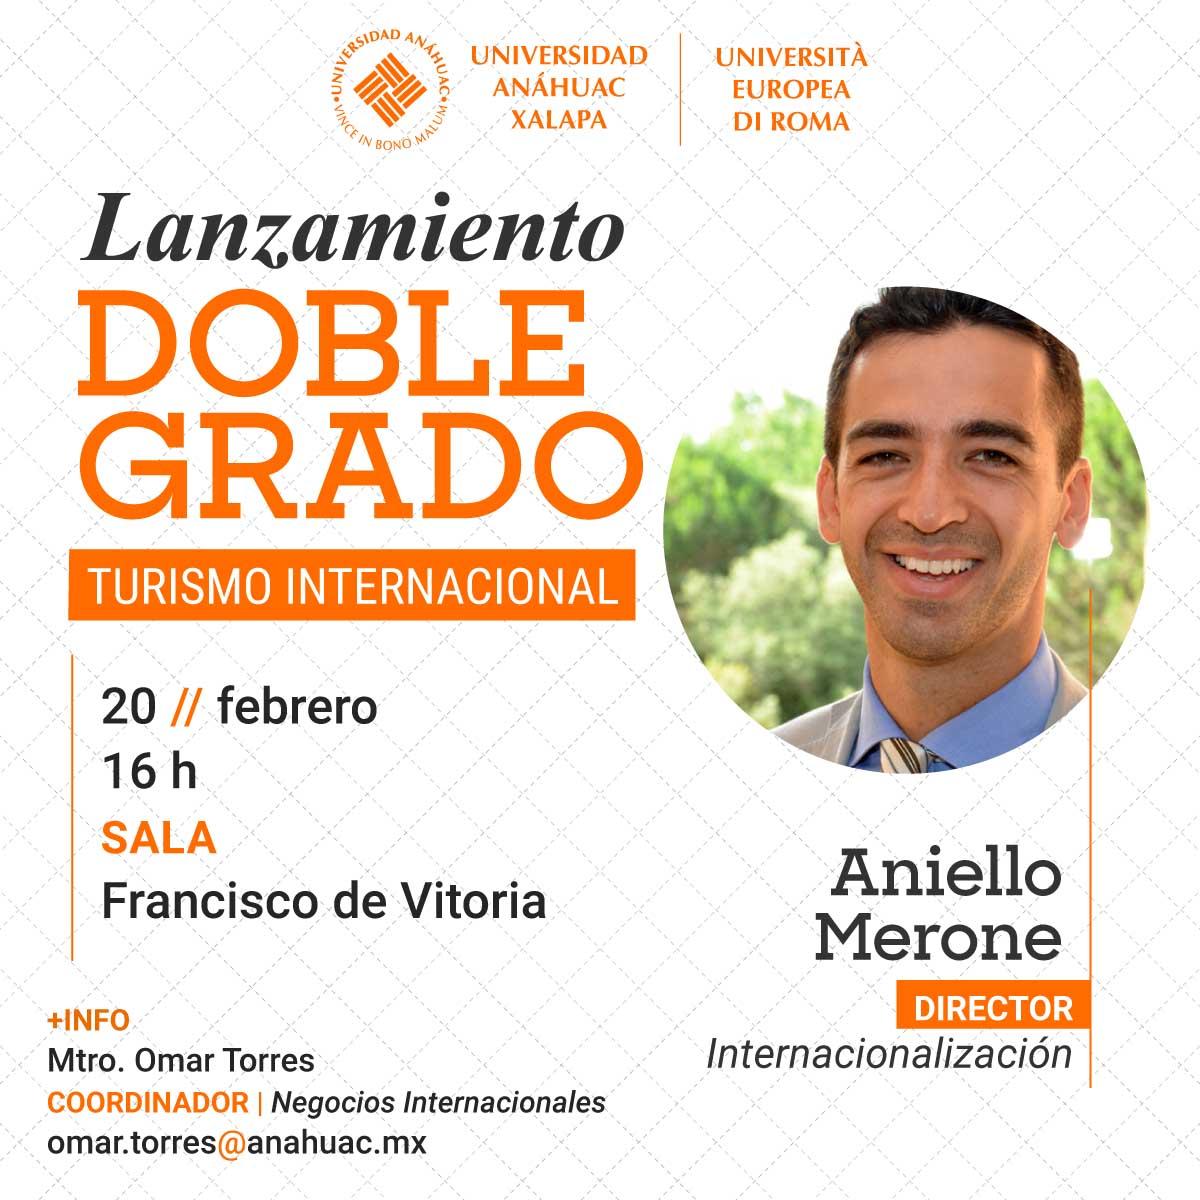 Lanzamiento del Doble Grado de Turismo Internacional